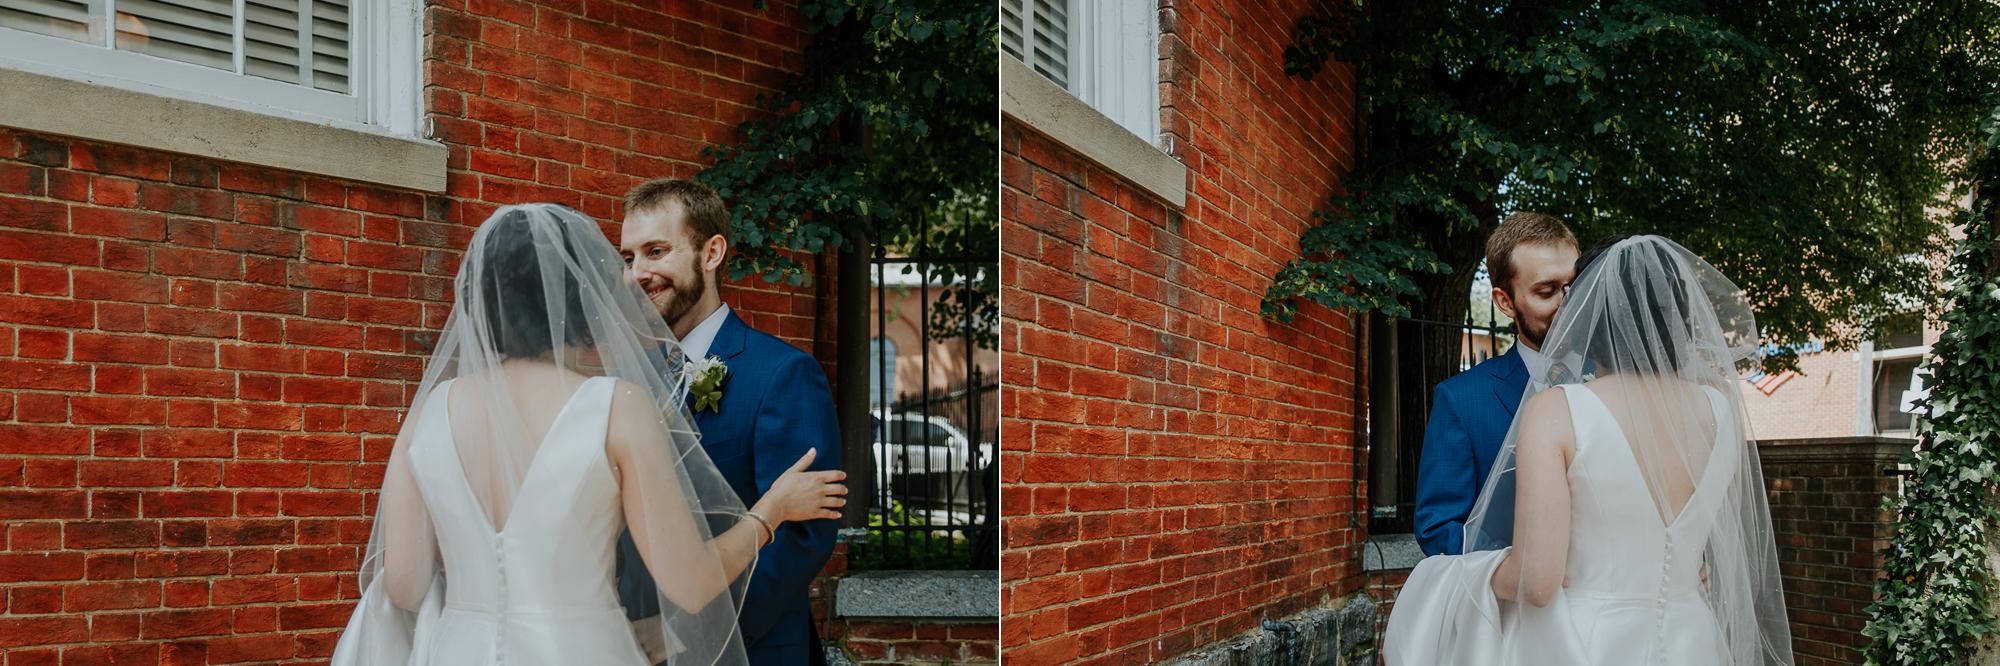 031-annapolis_courthouse_wedding.jpg